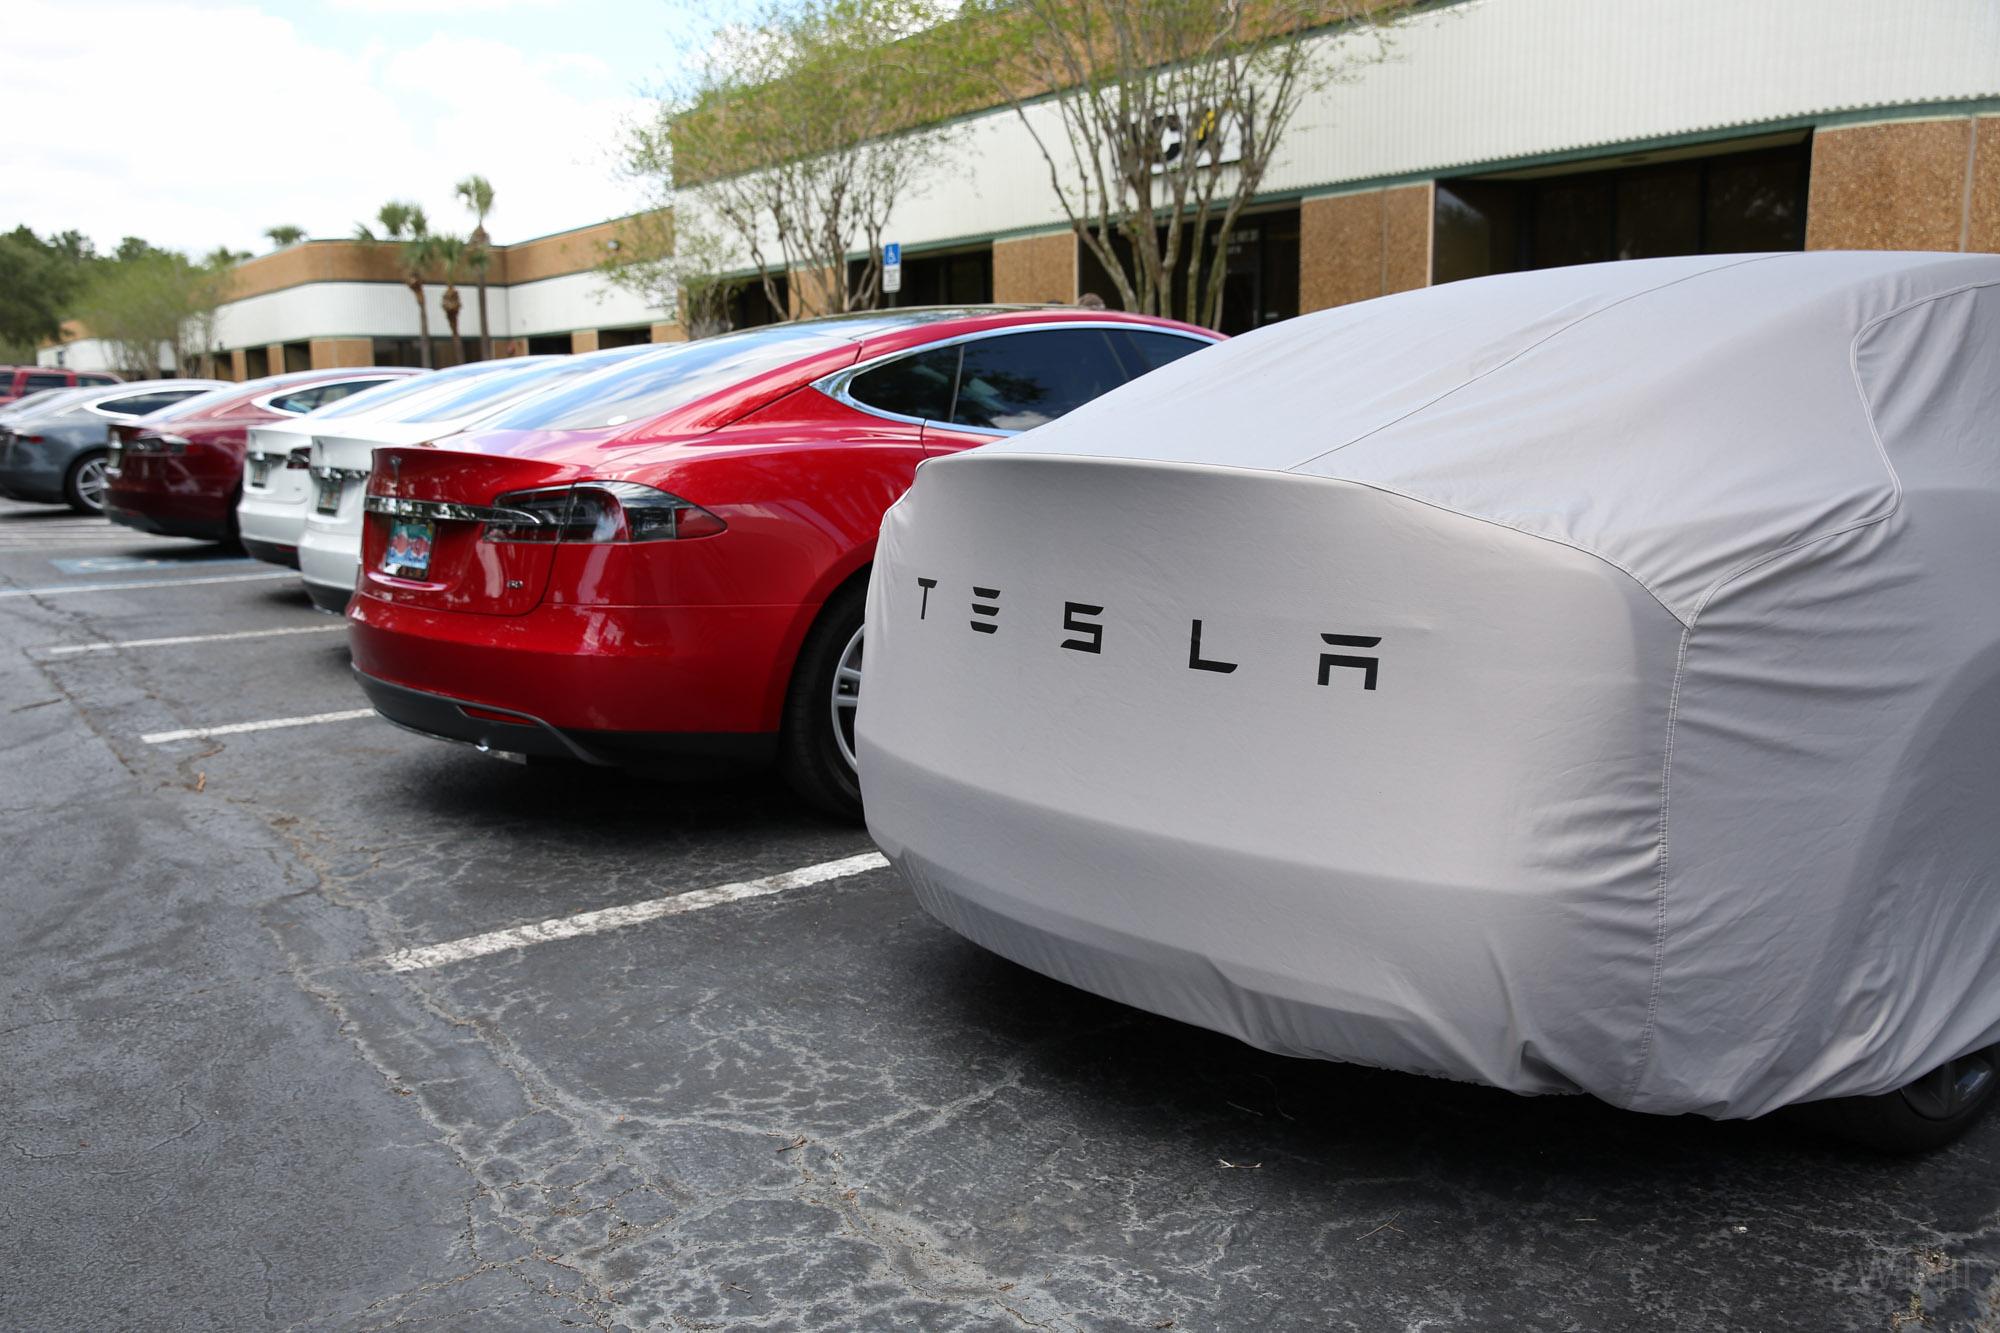 TeslaMotorsClub_Tampa_28APR13_0069.jpg